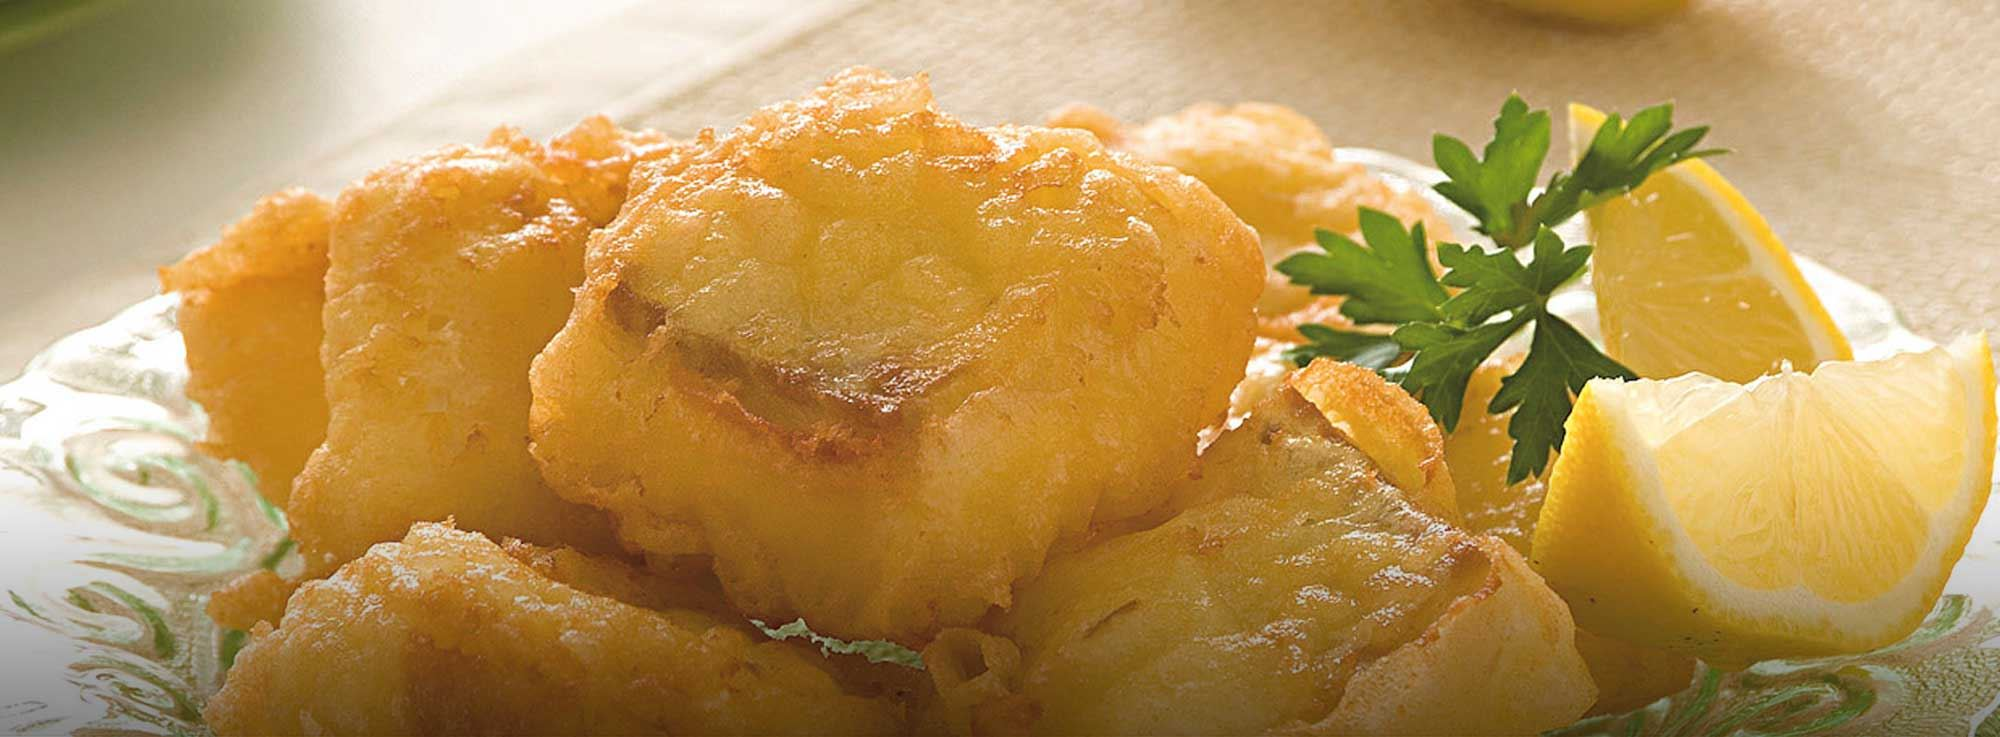 Ricetta: Baccalà fritto secondo la tradizione pugliese